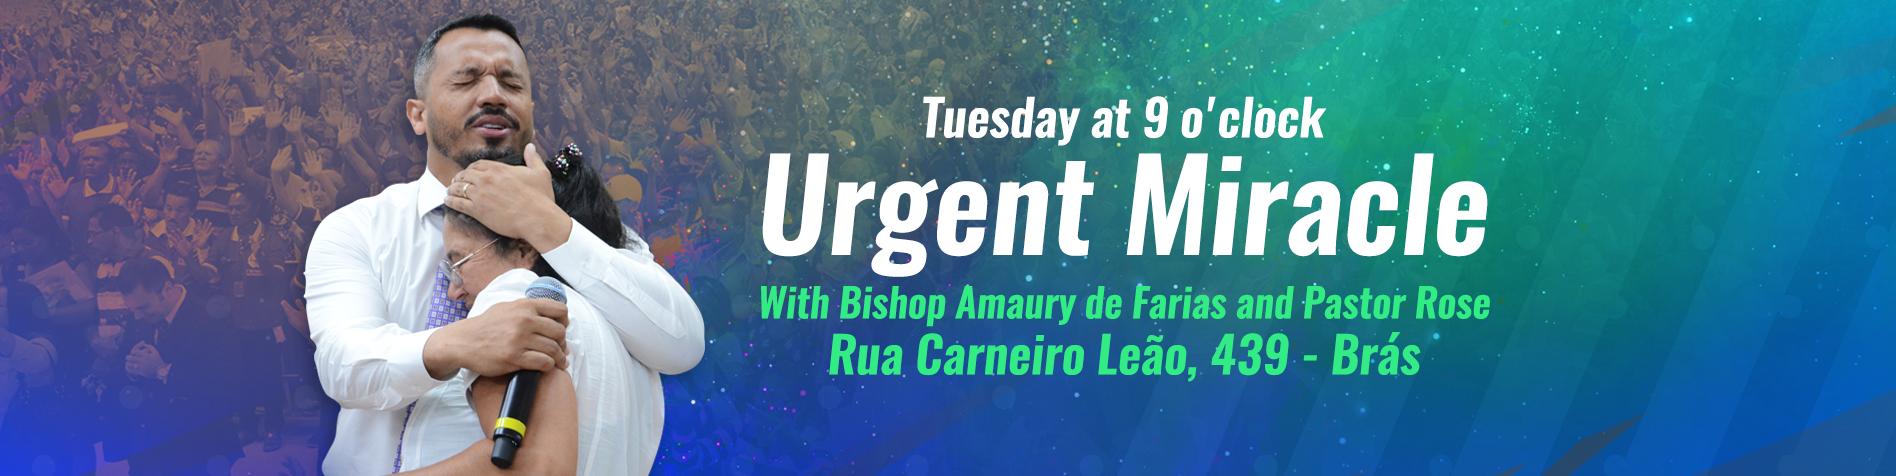 Milagre urgente